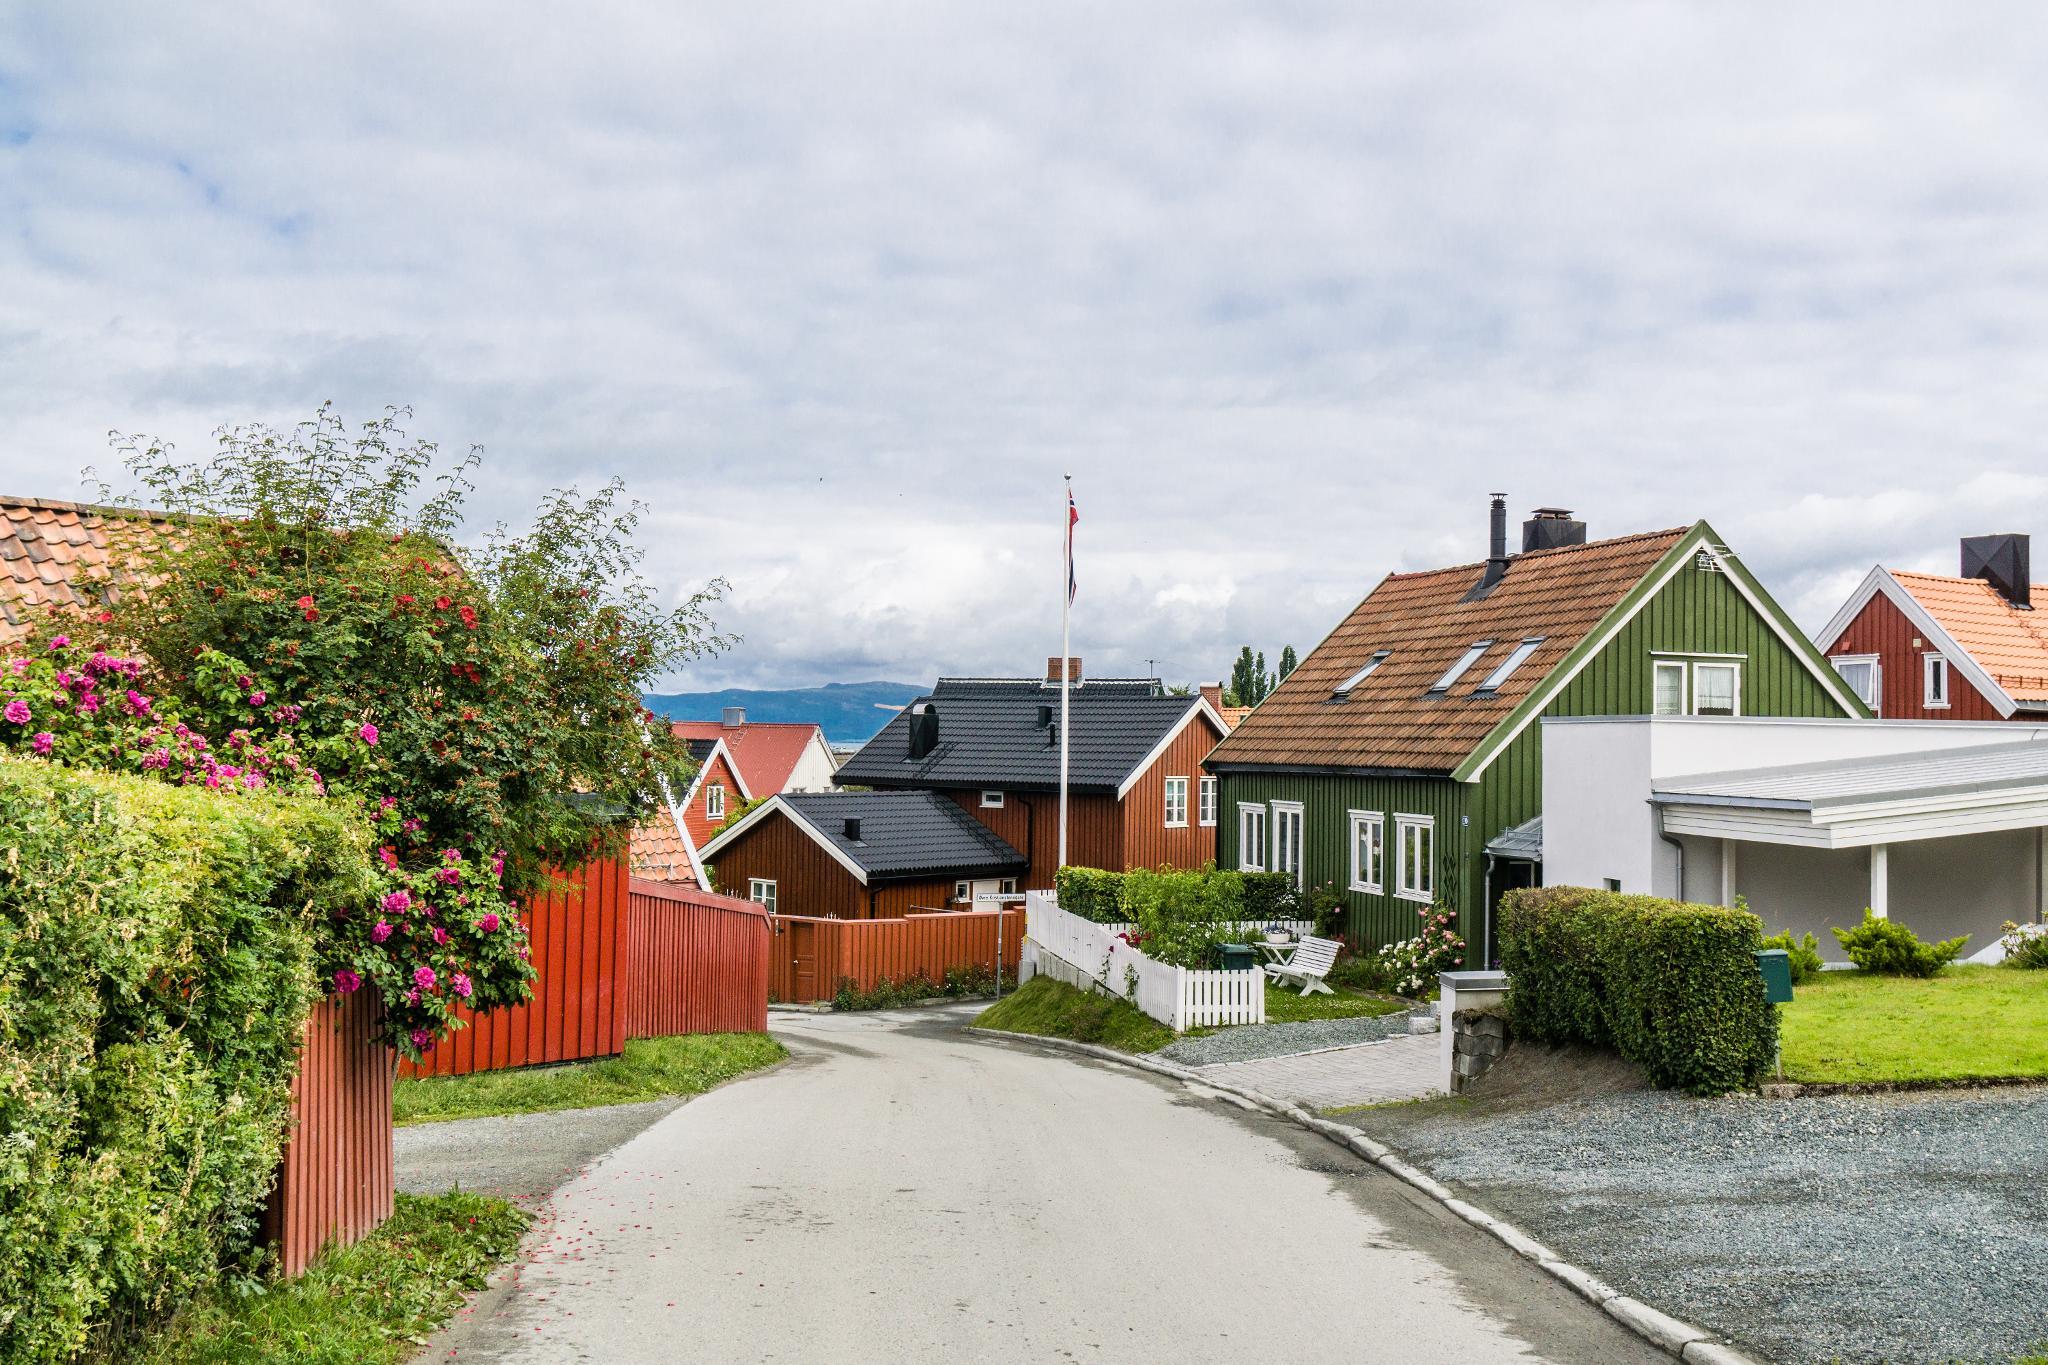 【北歐景點】拜訪維京王的千年古城 - Trondheim 特隆赫姆景點懶人包 42